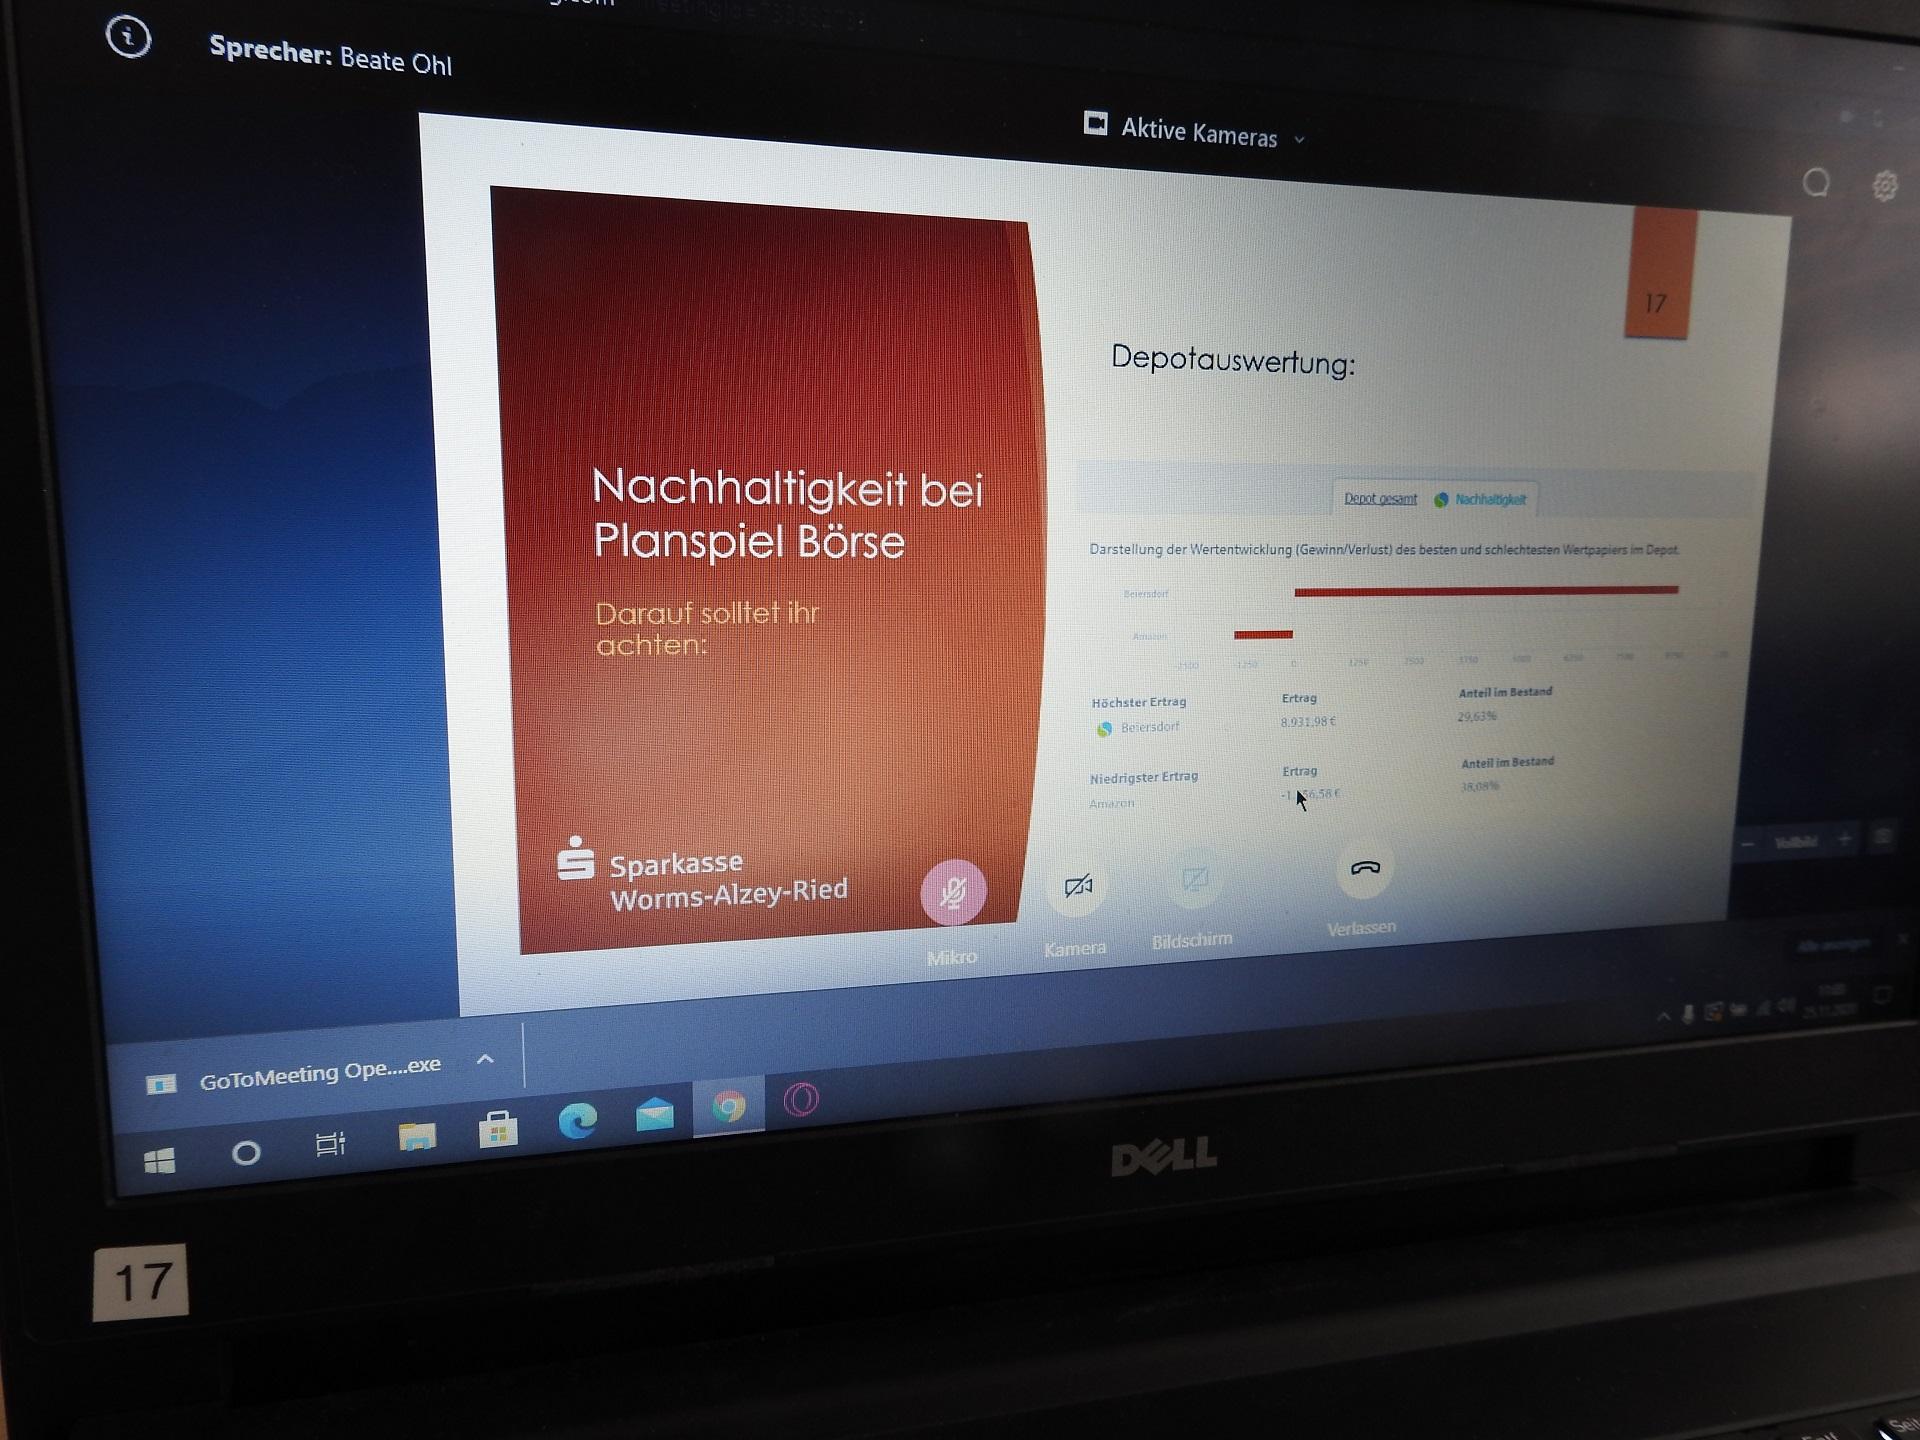 """Endspurt im """"Planspiel Börse"""" - Digitales Wertpapierforum für die Teilnehmer*innen (Foto: Dr. G. Hoffmann)"""